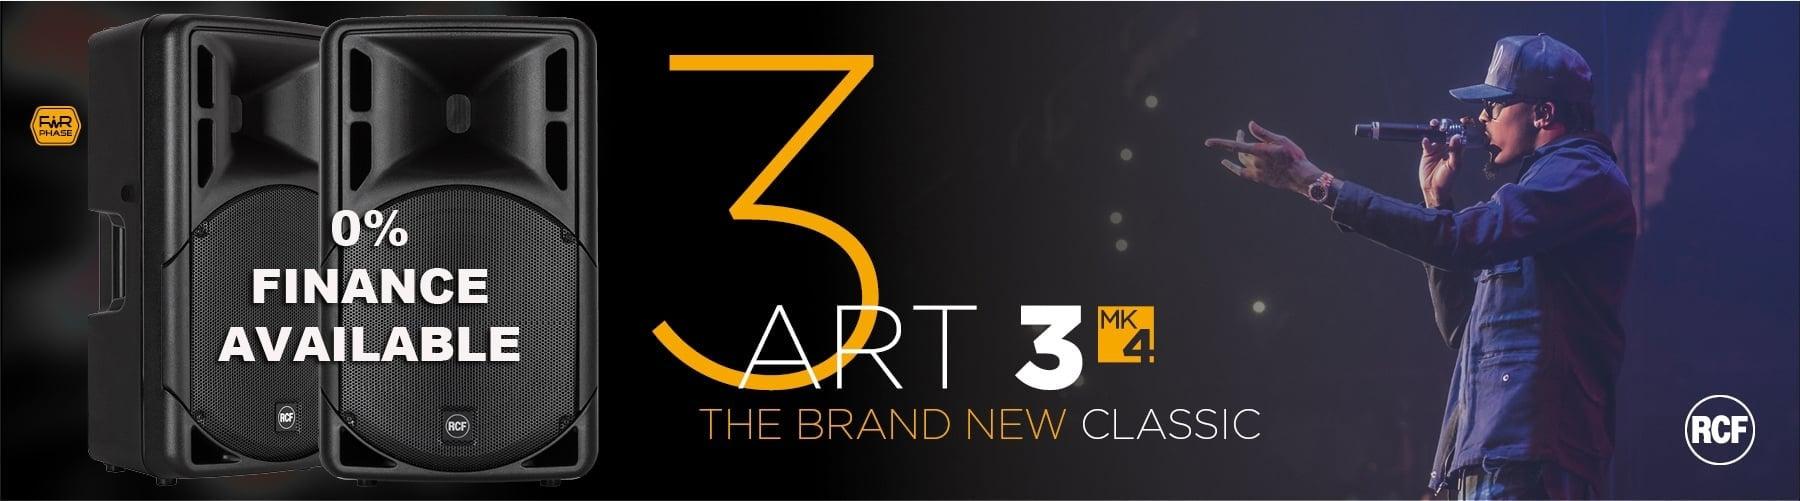 RCF ART3 MK4